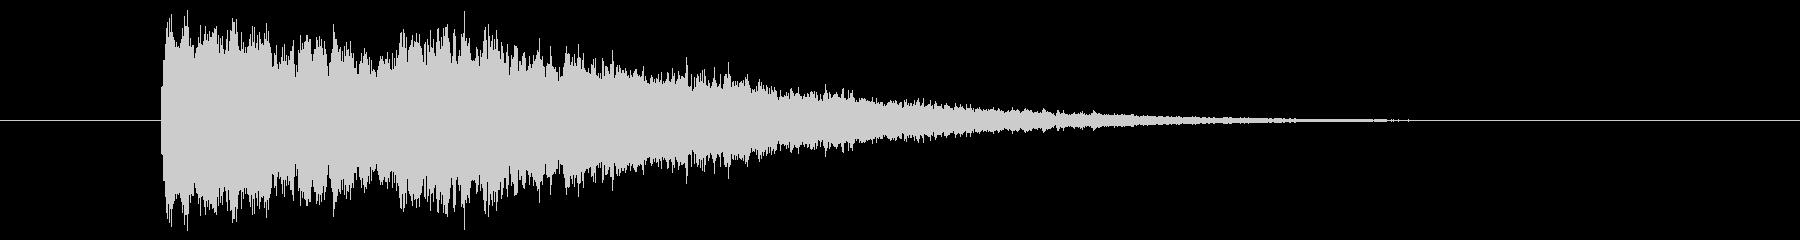 テロップSE キーン 使い易いシリーズ3の未再生の波形